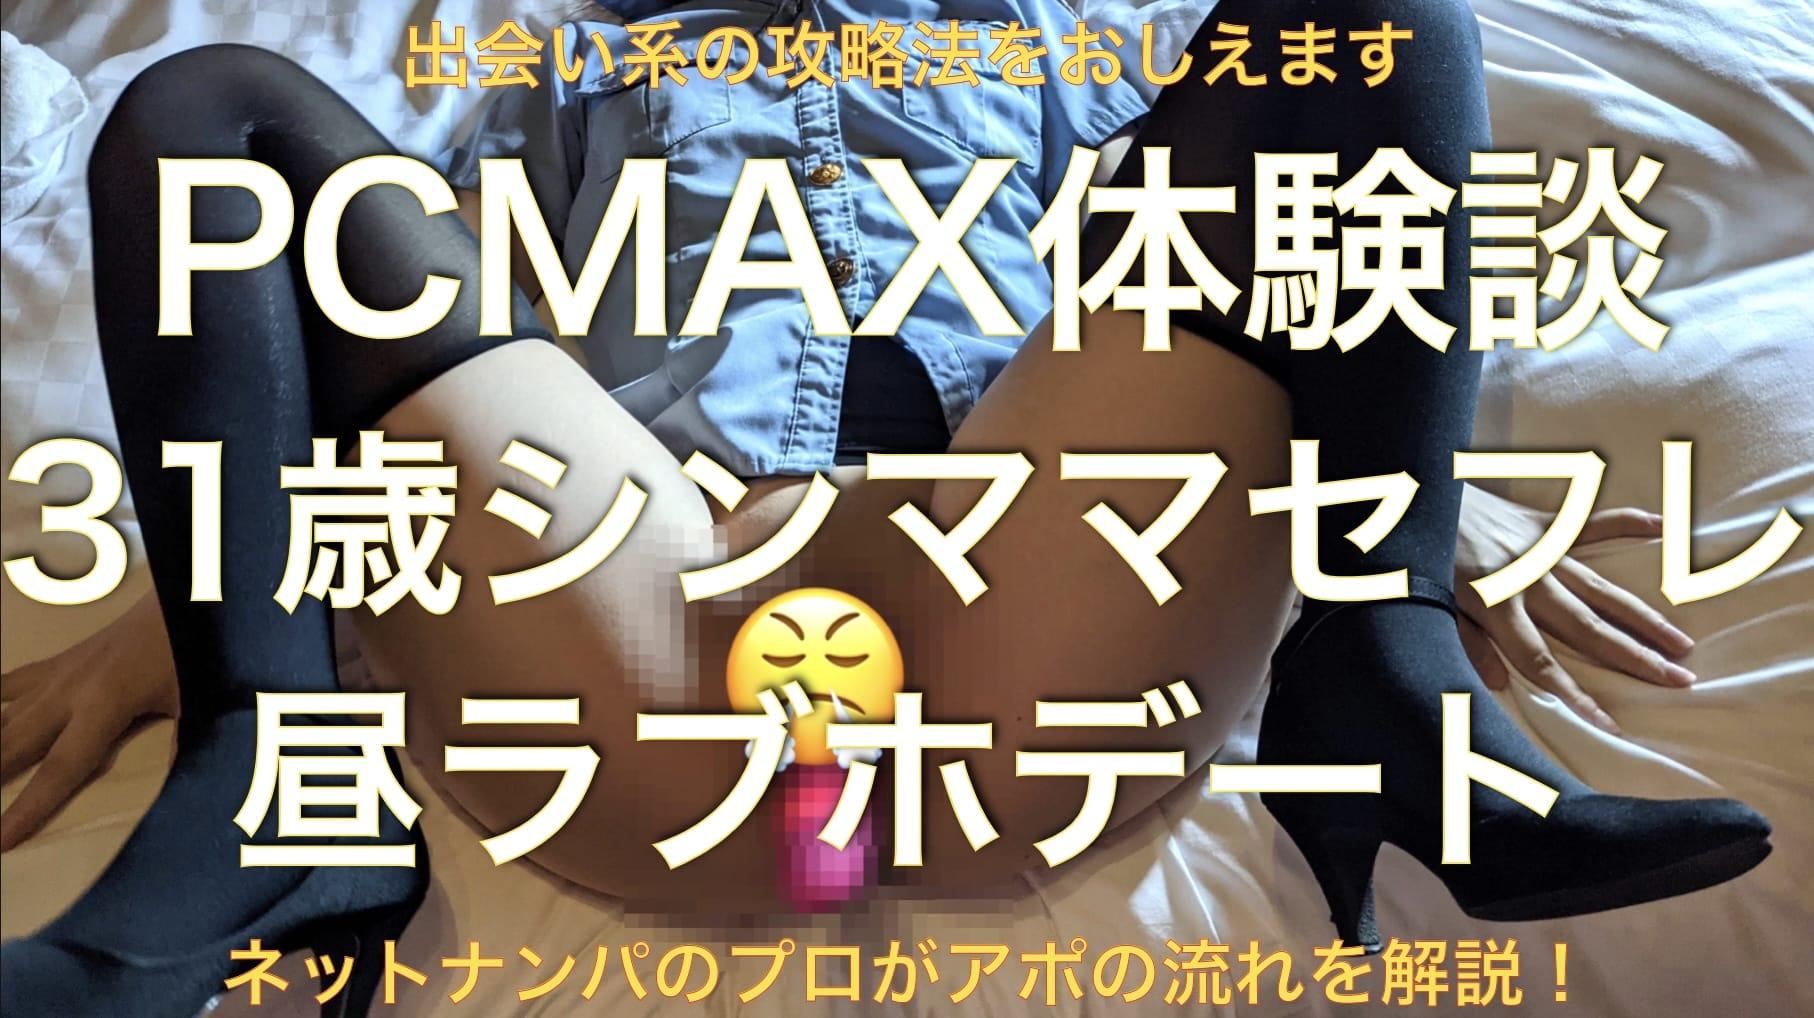 【PCMAX】シンママセフレと定期セックス。コスプレ着せてバイブ責めなう。サムネイル画像